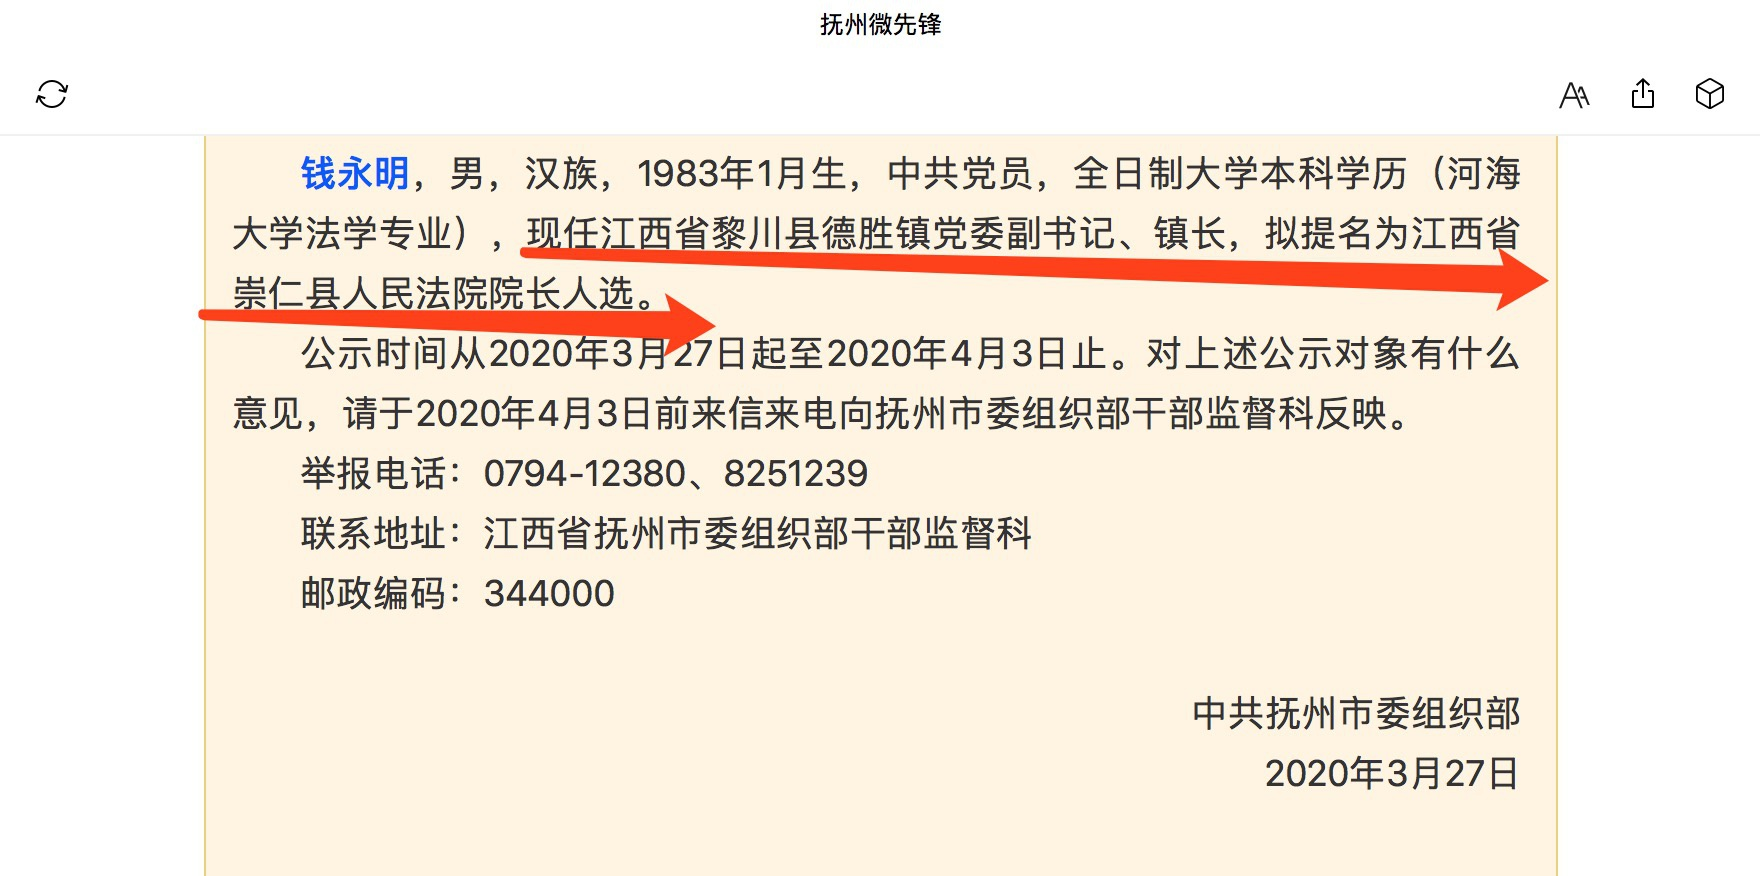 恒耀2江西一镇长拟任县法院院长,官方:法律专业毕业符合资格